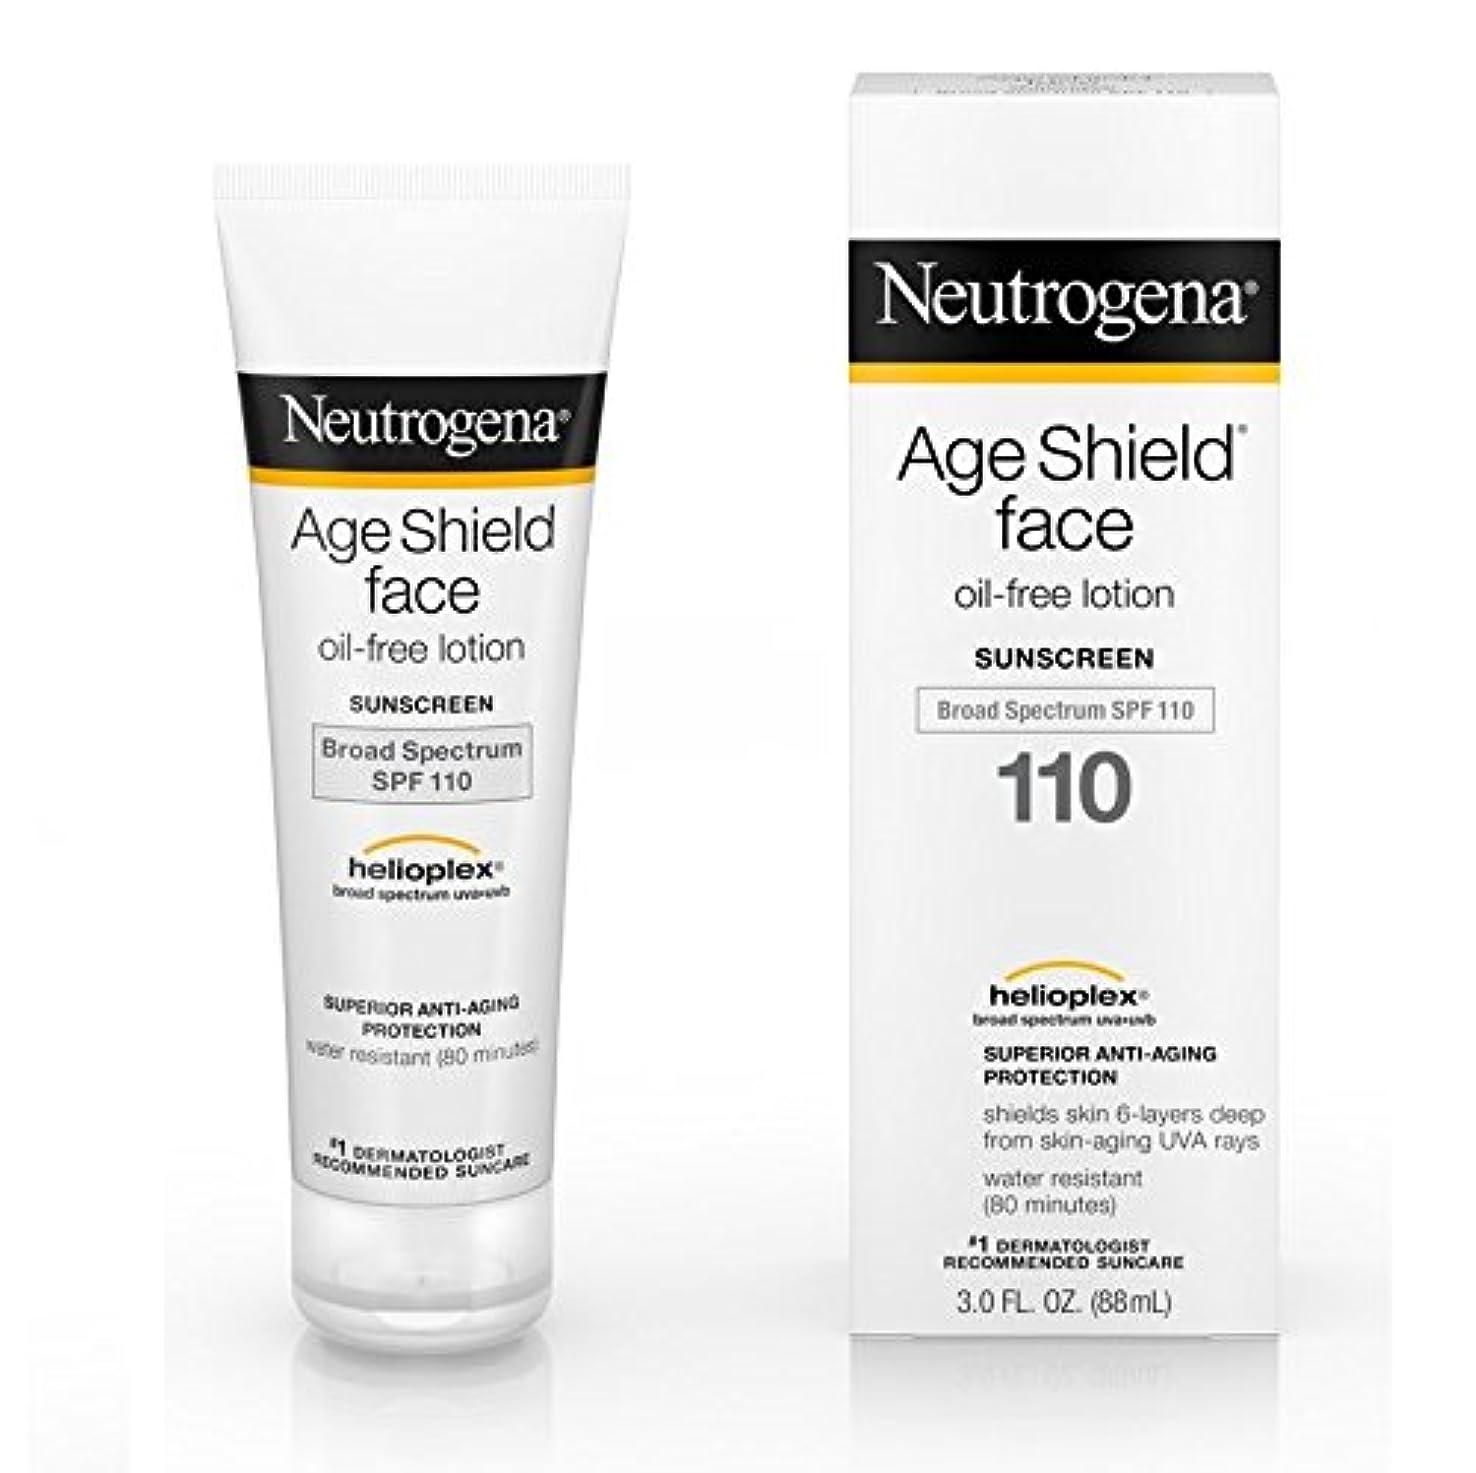 効率ベルベット広告【海外直送品】Neutrogena Age Shield? Face Oil-Free Lotion Sunscreen Broad Spectrum SPF 110 - 3 FL OZ(88ml)